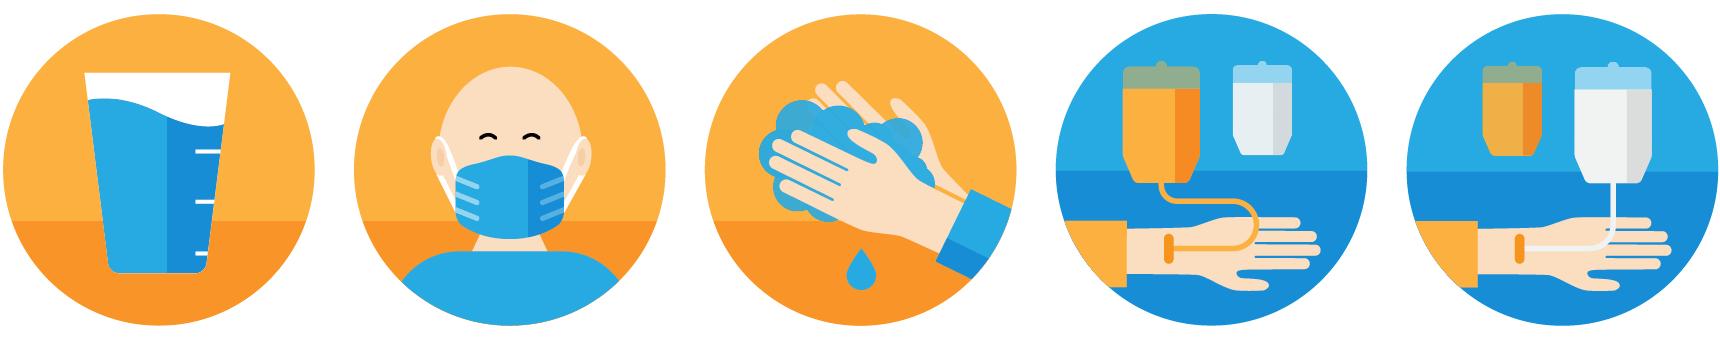 Illustrationsentwurf für das Talking in Symbols Bildkartenset: schematische reduzierte Darstellung von Mensch mit Maske, Infusion, Händewaschen und einem Glas Wasser